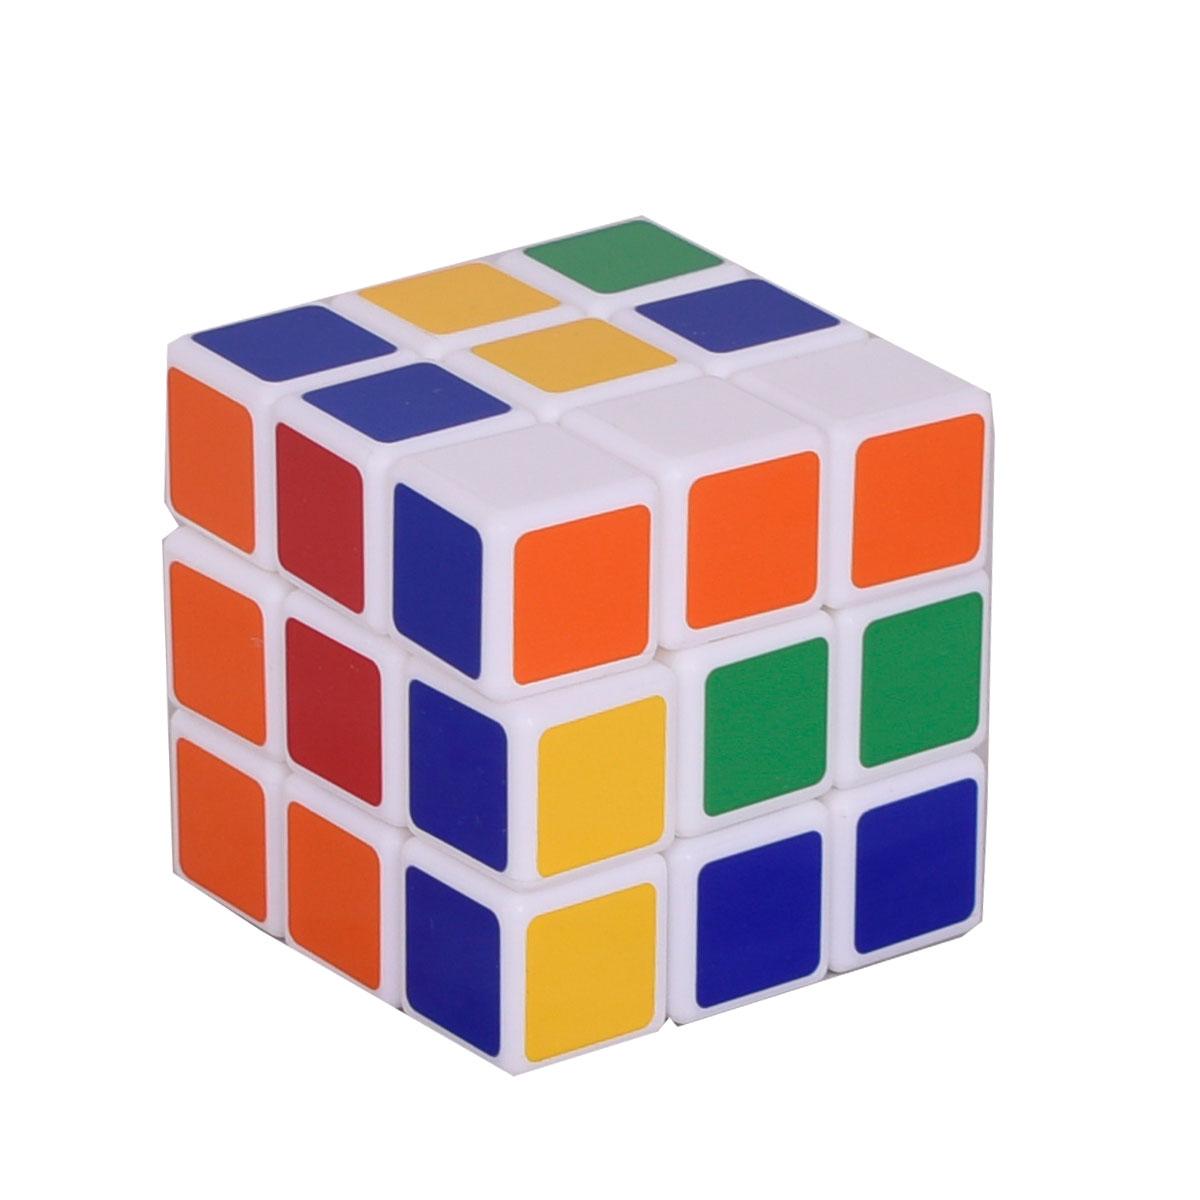 لعبة مكعب روبيك رقم CH5077